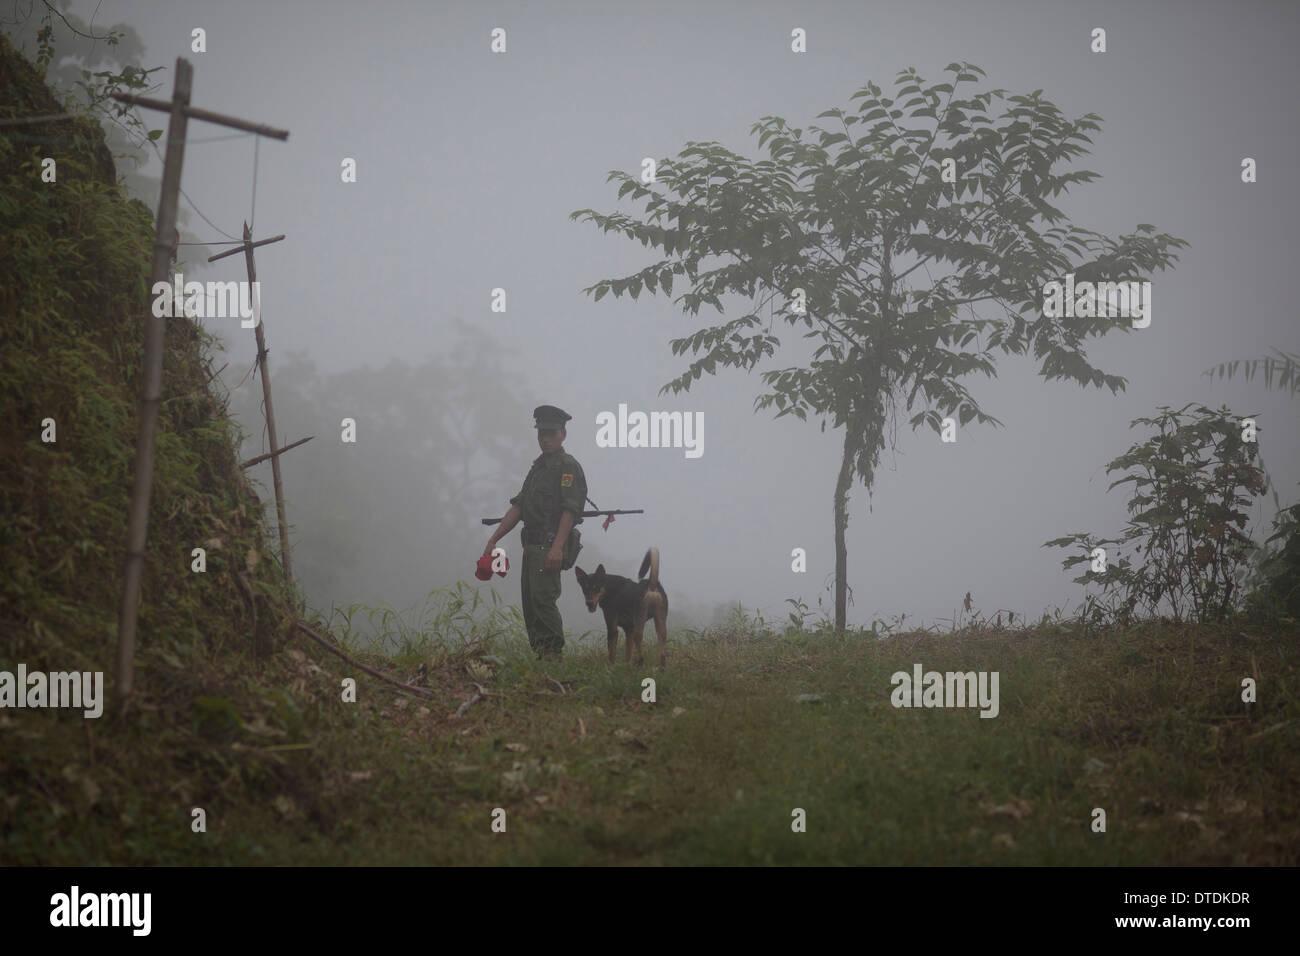 Une KIA soldat vérifier un chemin qui mène à la Naw Hpyu poster dans la ligne de front de la guerre contre le Gouvernement de la Birmanie Banque D'Images